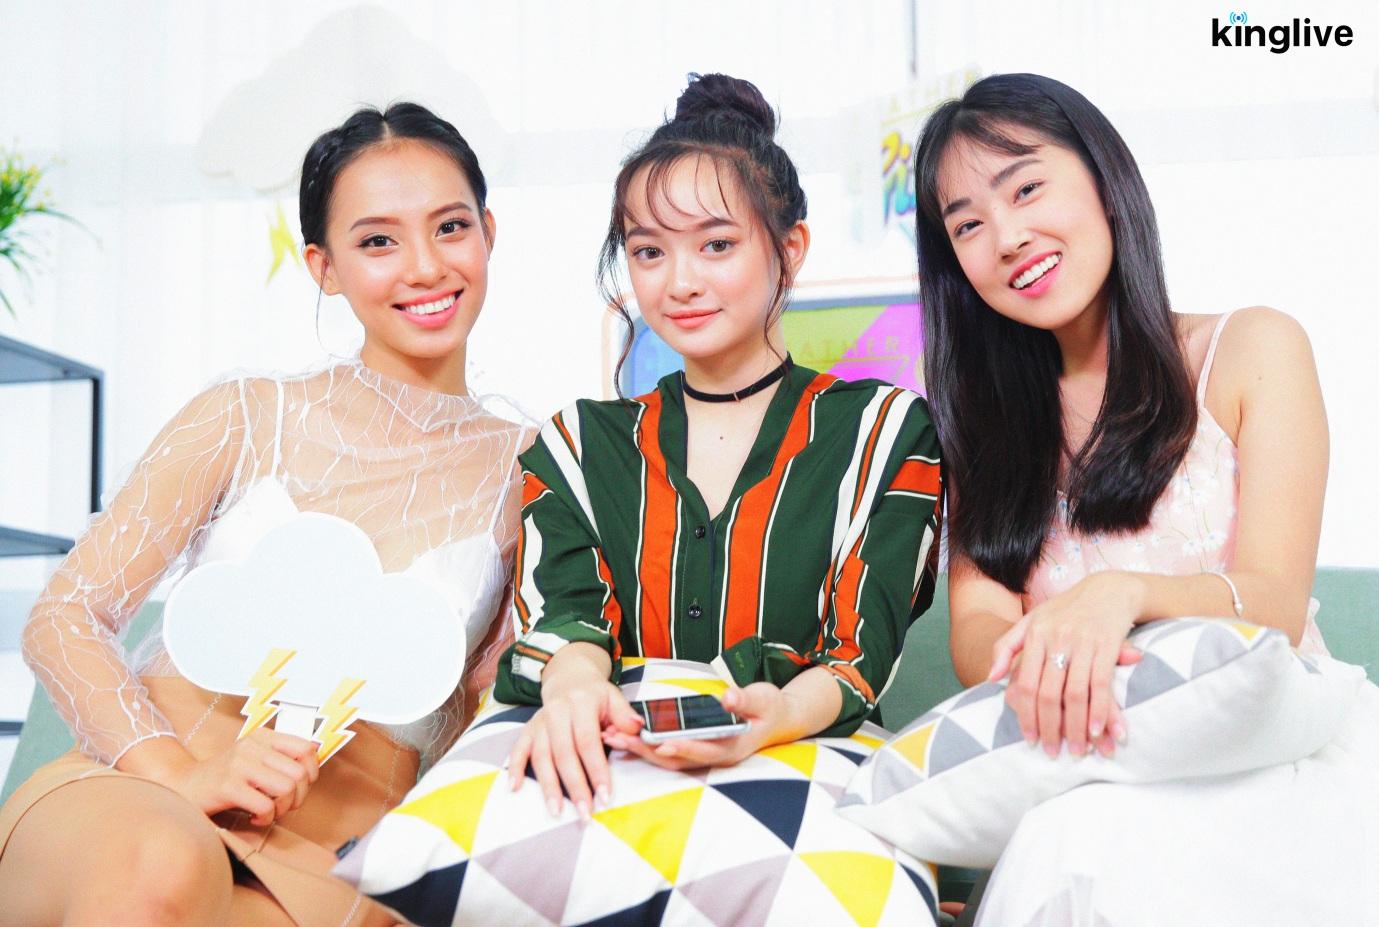 Weather Girls: Kaity Nguyễn xinh như mộng, chia sẻ tất tần tật về Em chưa 18! - Ảnh 3.